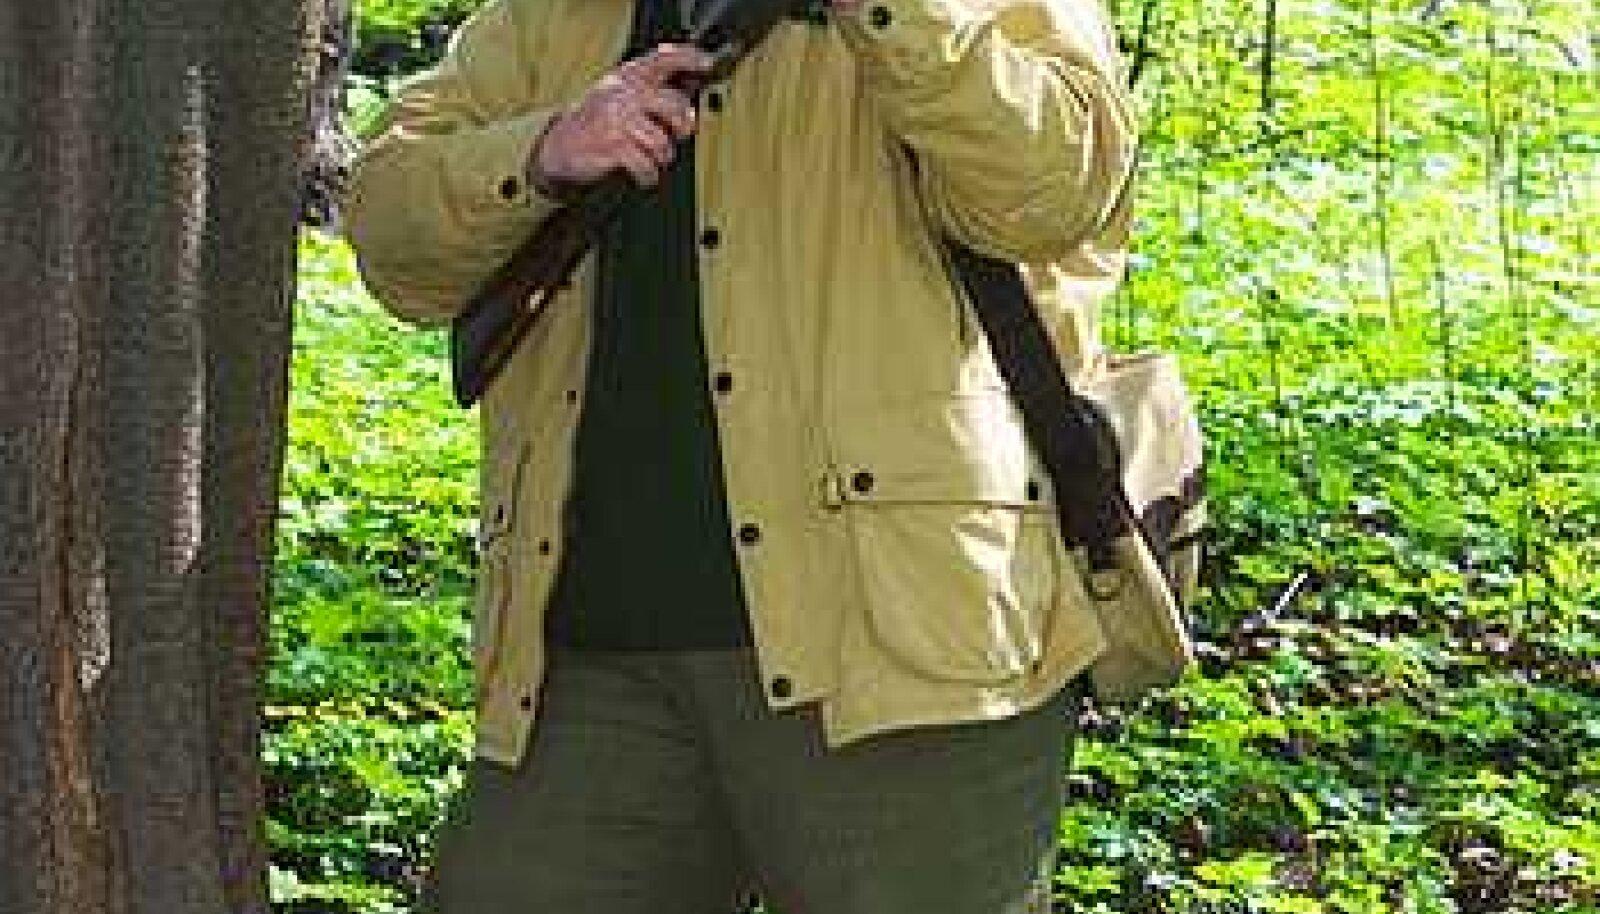 JUBA LINNUKESED...: Jahimeeste Seltsi presidendi Mario Sootna käes ilutsev relv pärineb sõjaeelsest Belgia kuningakojast ja oli üks kahest kuningas Leopoldi linnujahipüssist. Eestis käib linnujaht sügiseti. Ingmar Muusikus